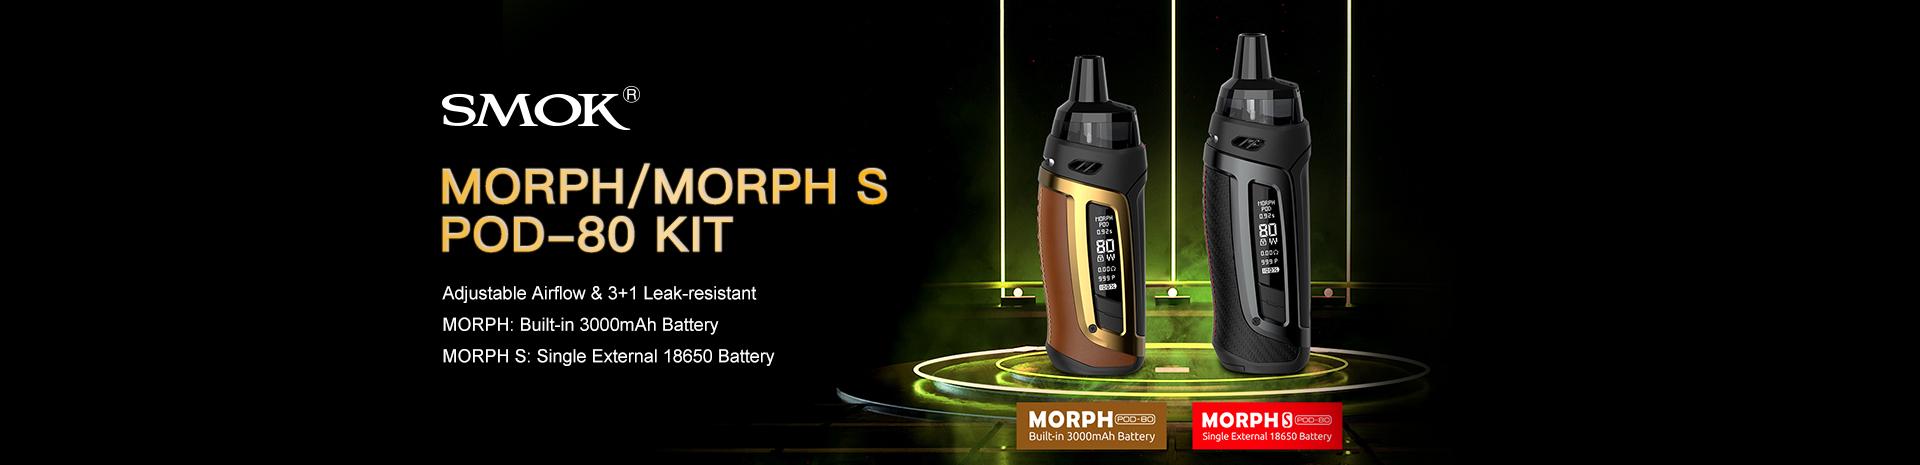 SMOK Morph or Morph S Pod-80 Kit Banner